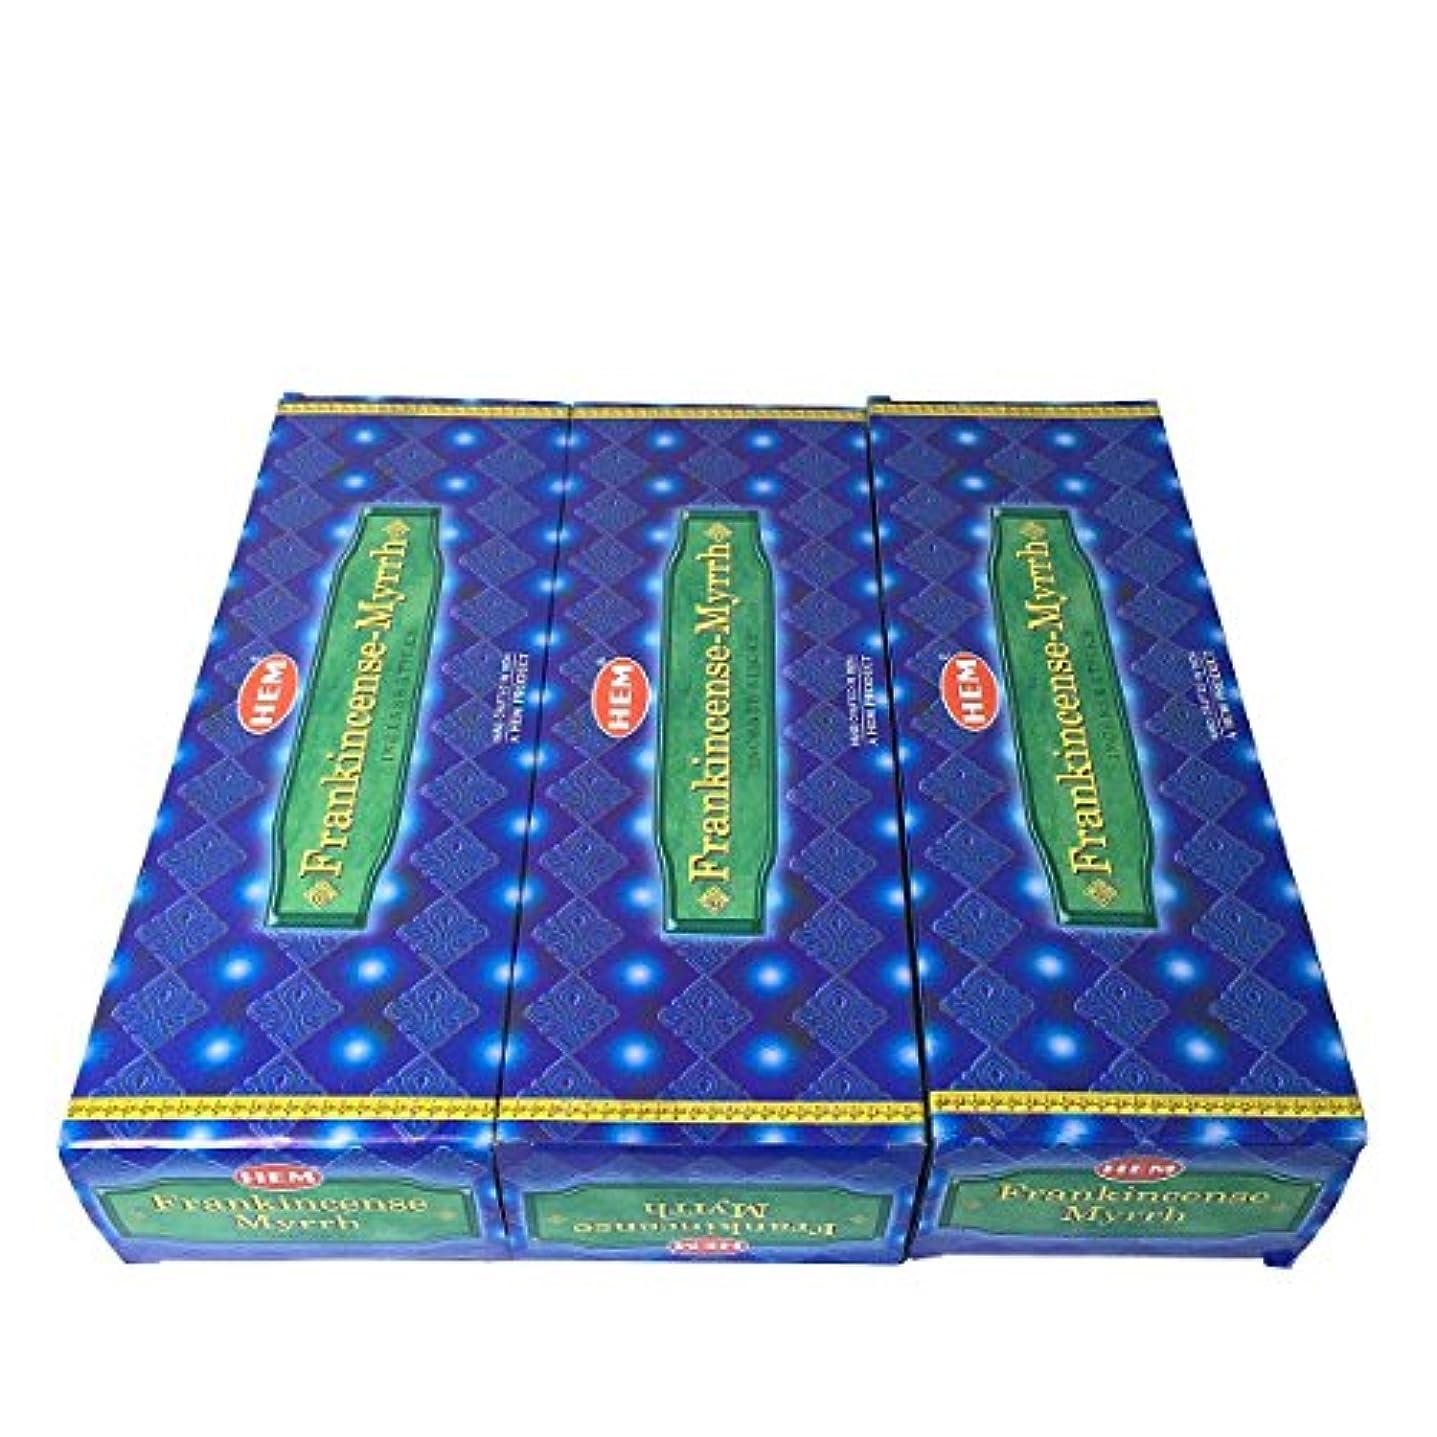 毒つぶやき忘れられないフランキンセンス ミルラ香スティック 3BOX(18箱) /HEM FRANKINCENSE MYRRH/インセンス/インド香 お香 [並行輸入品]